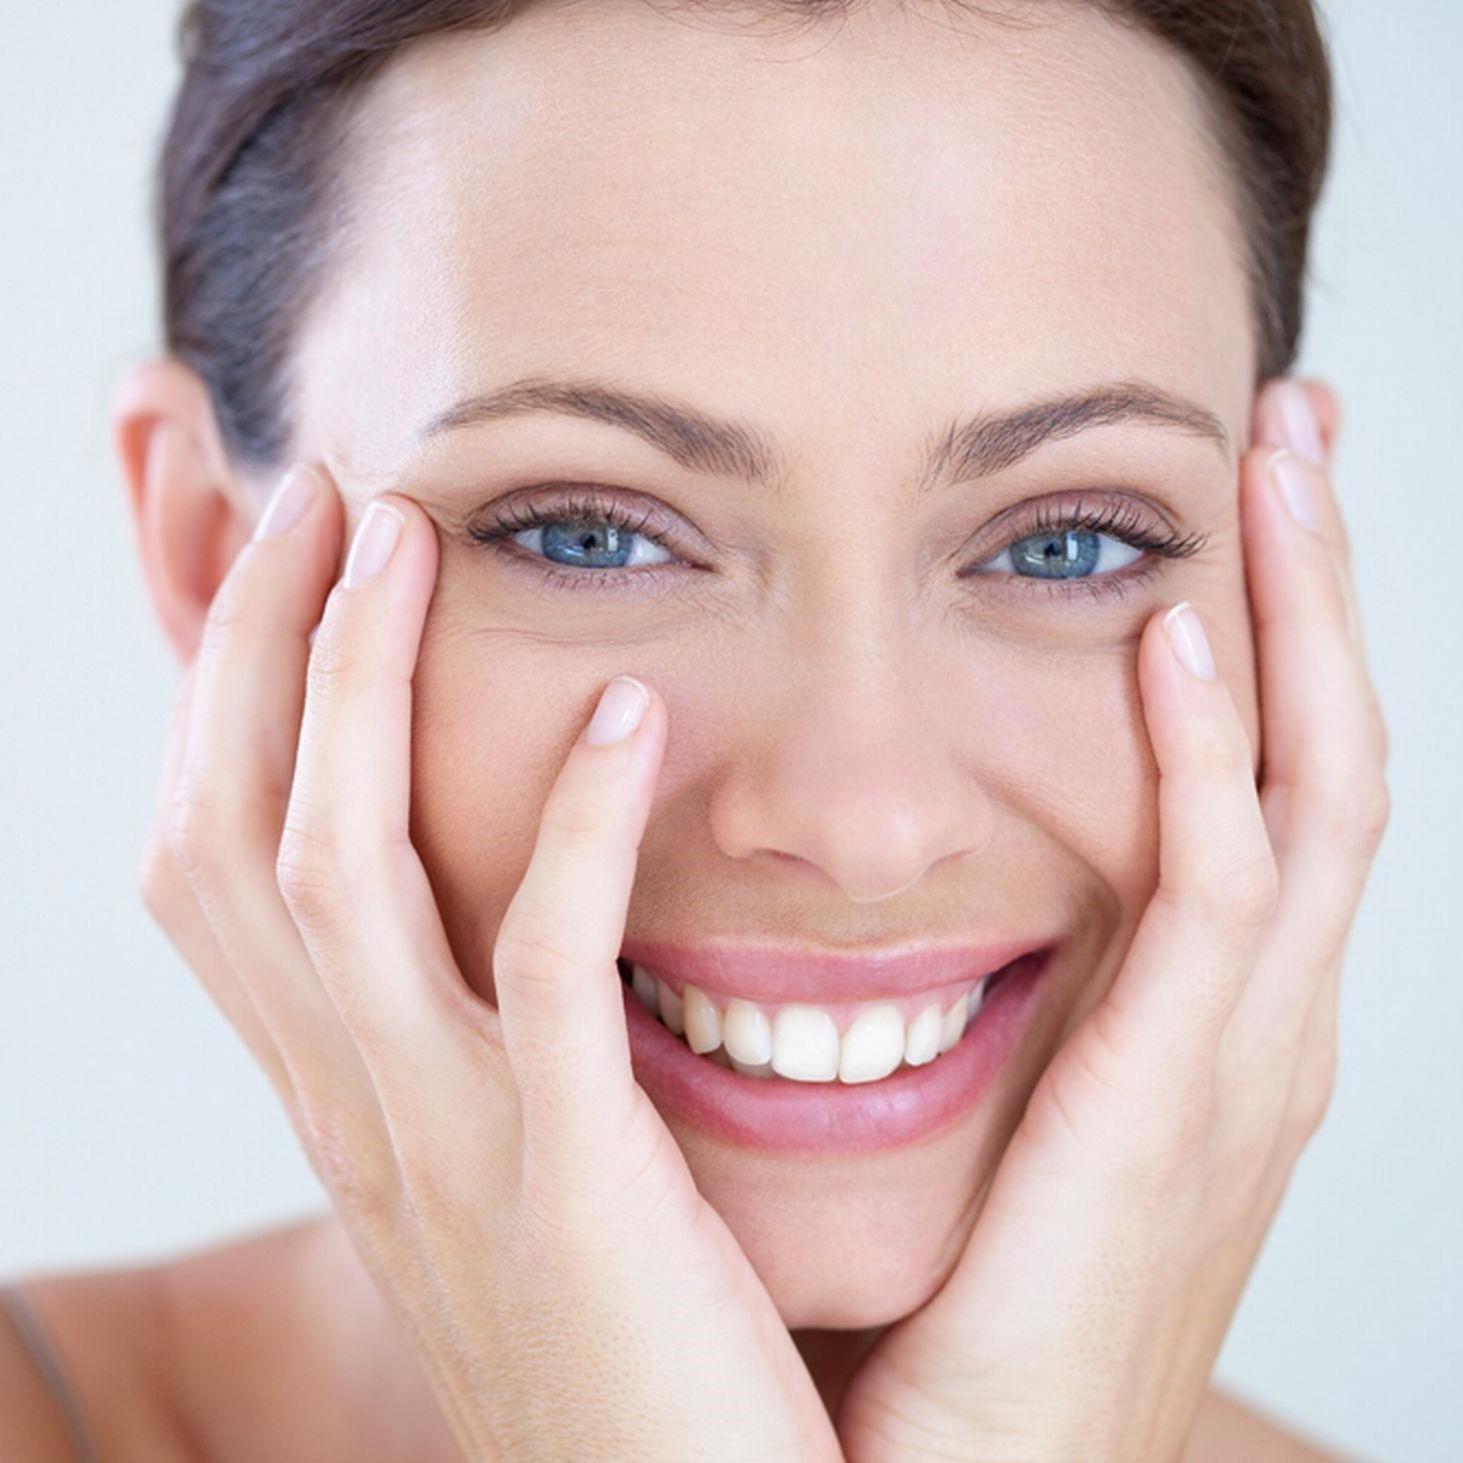 چطور کلاژن سازی پوست را بیشتر کنیم؟